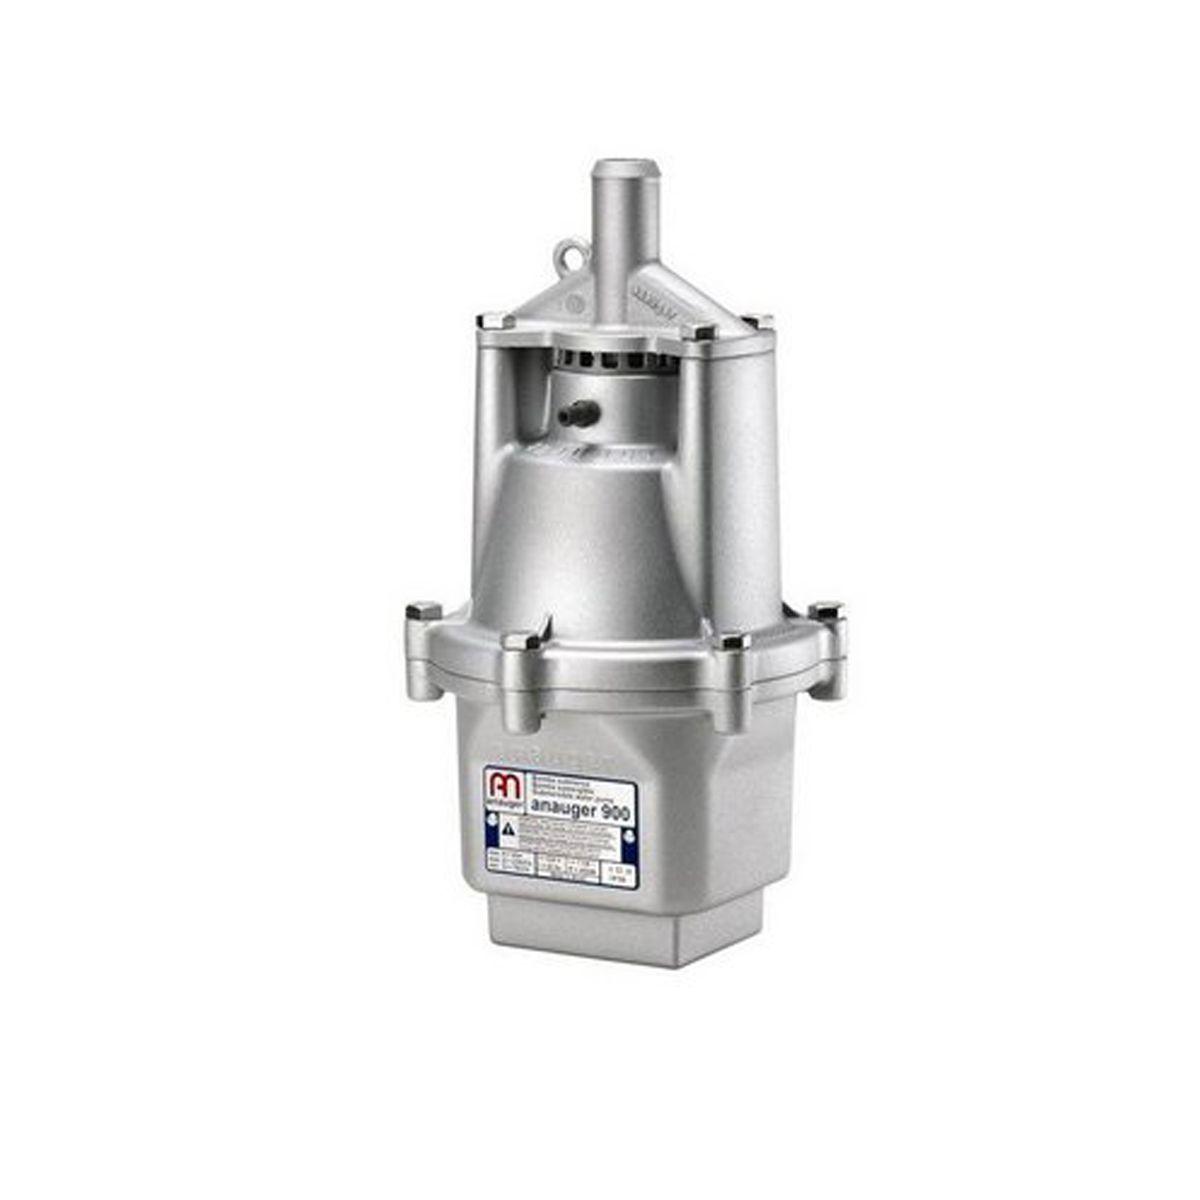 Bomba Submersa Vibratória Anauger 900 - 450w 110V